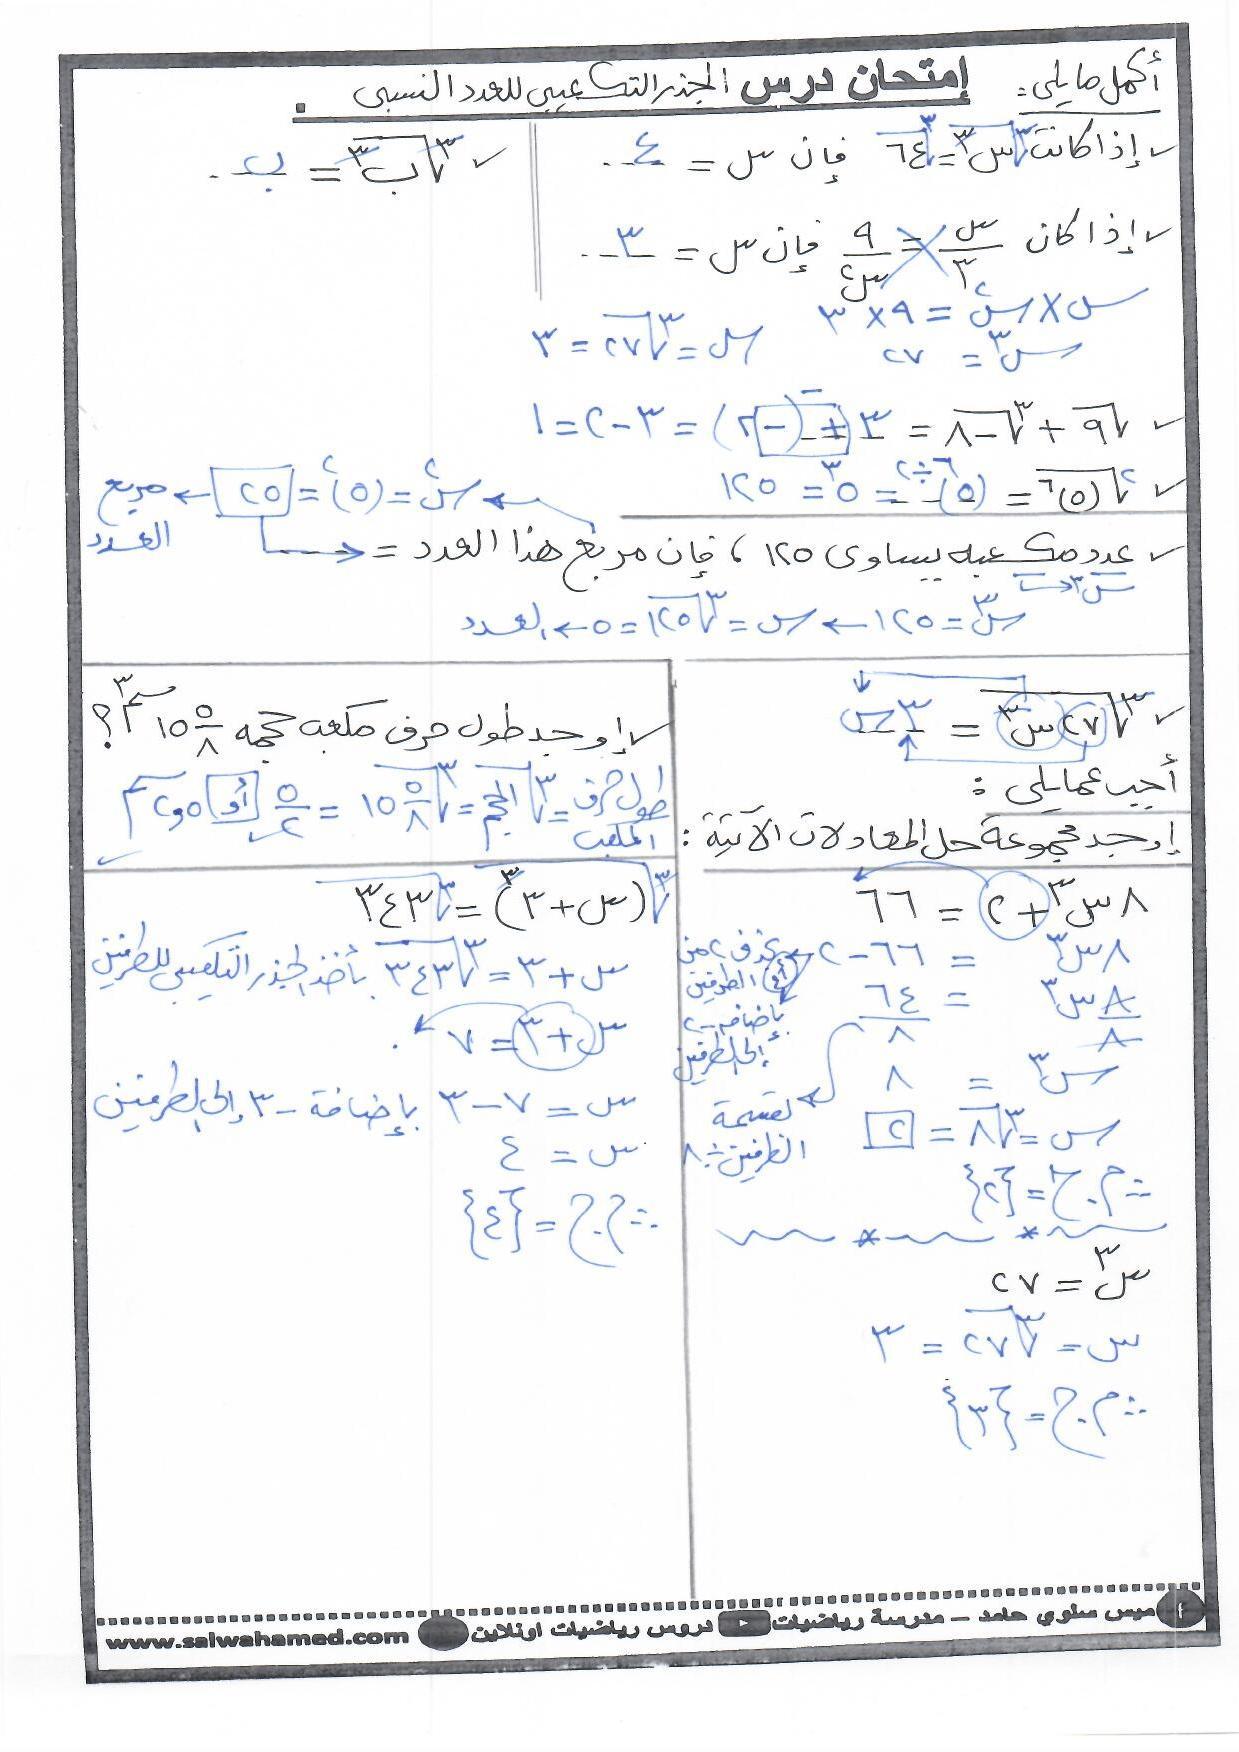 نموذج اجابة امتحان الجذر التكعيبي للعدد النسبي - جبر - للصف الثاني الاعدادي -